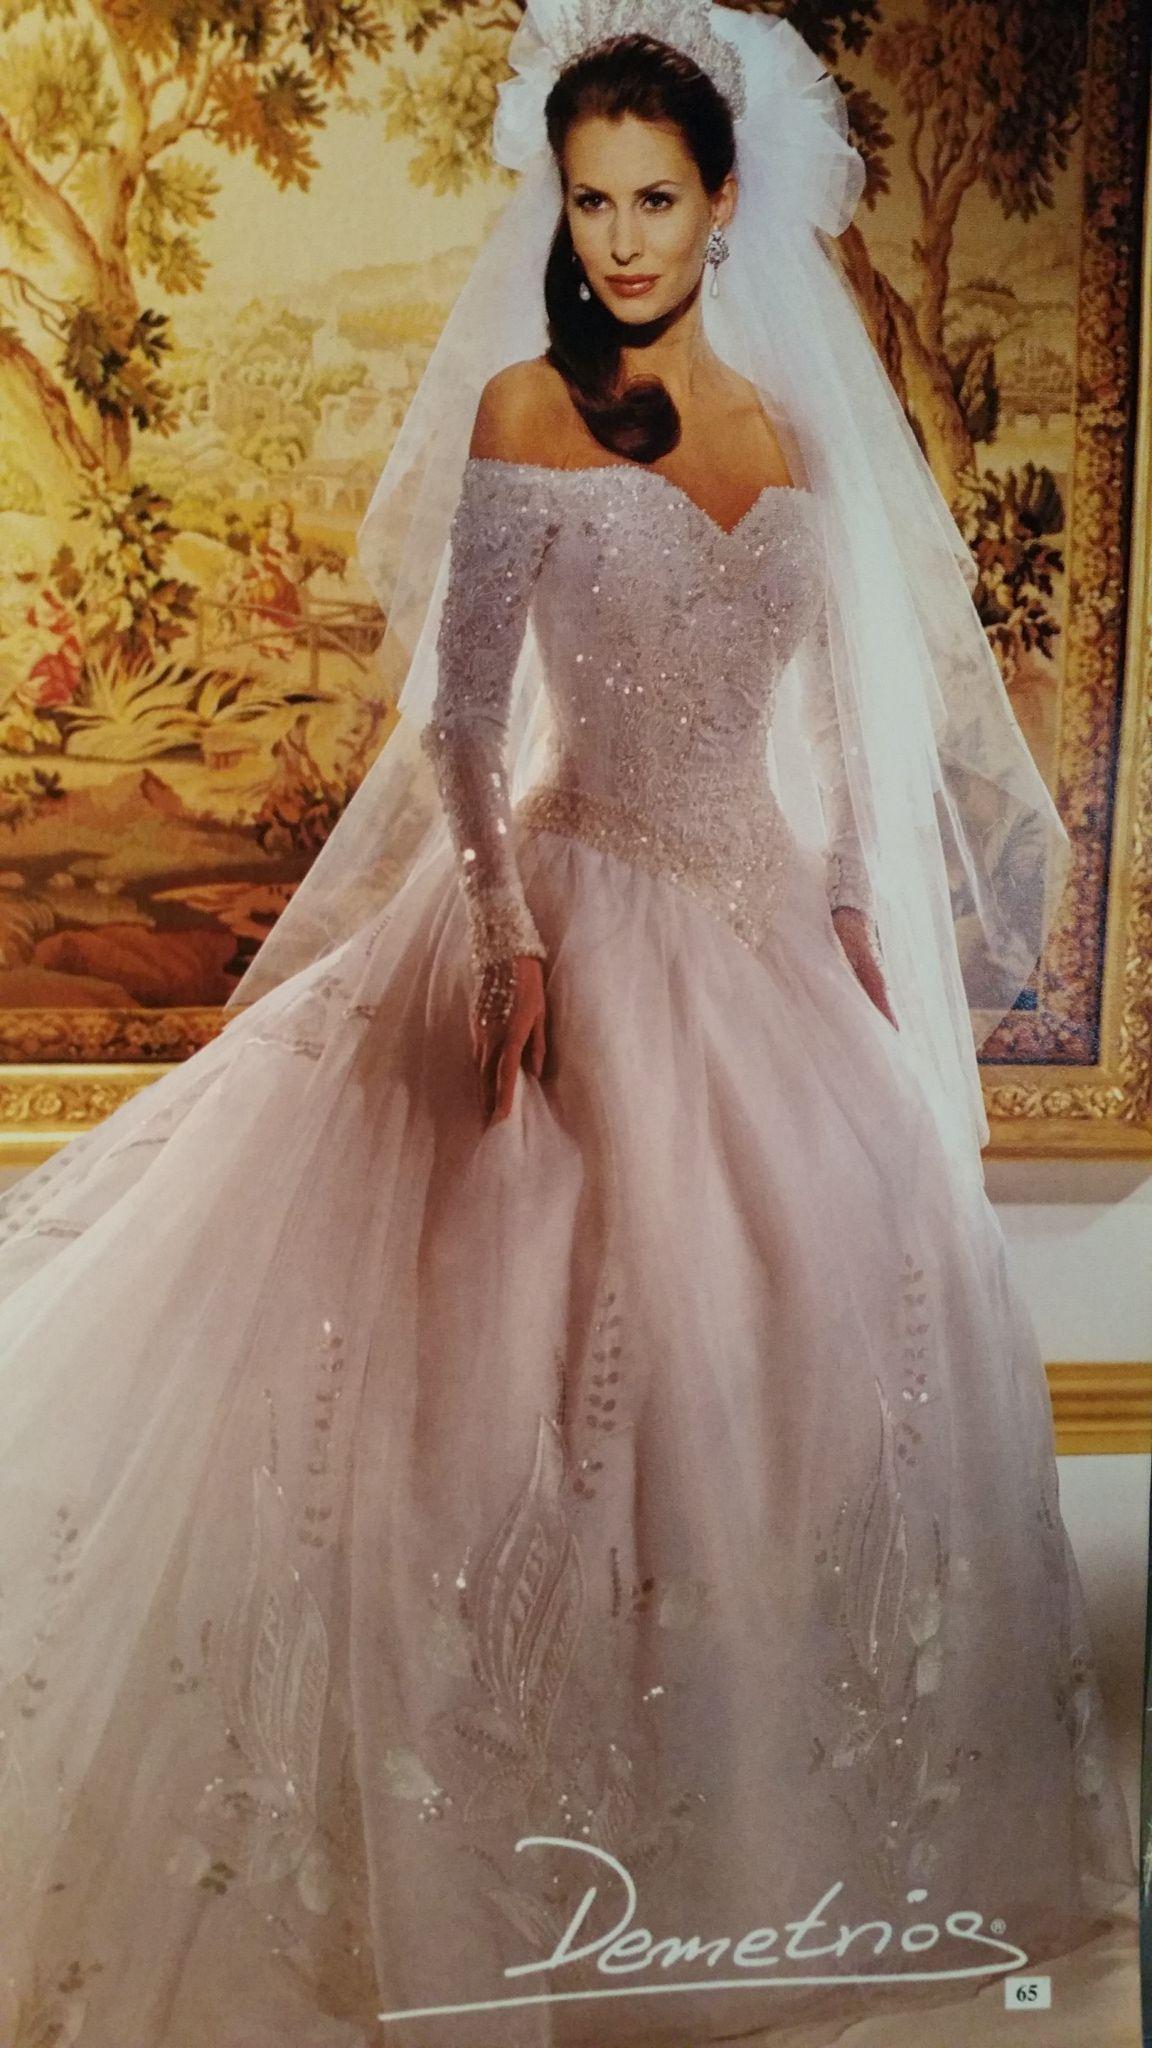 Demetrios 1995 Demetrios In 2019 Wedding Dresses Wedding Gowns